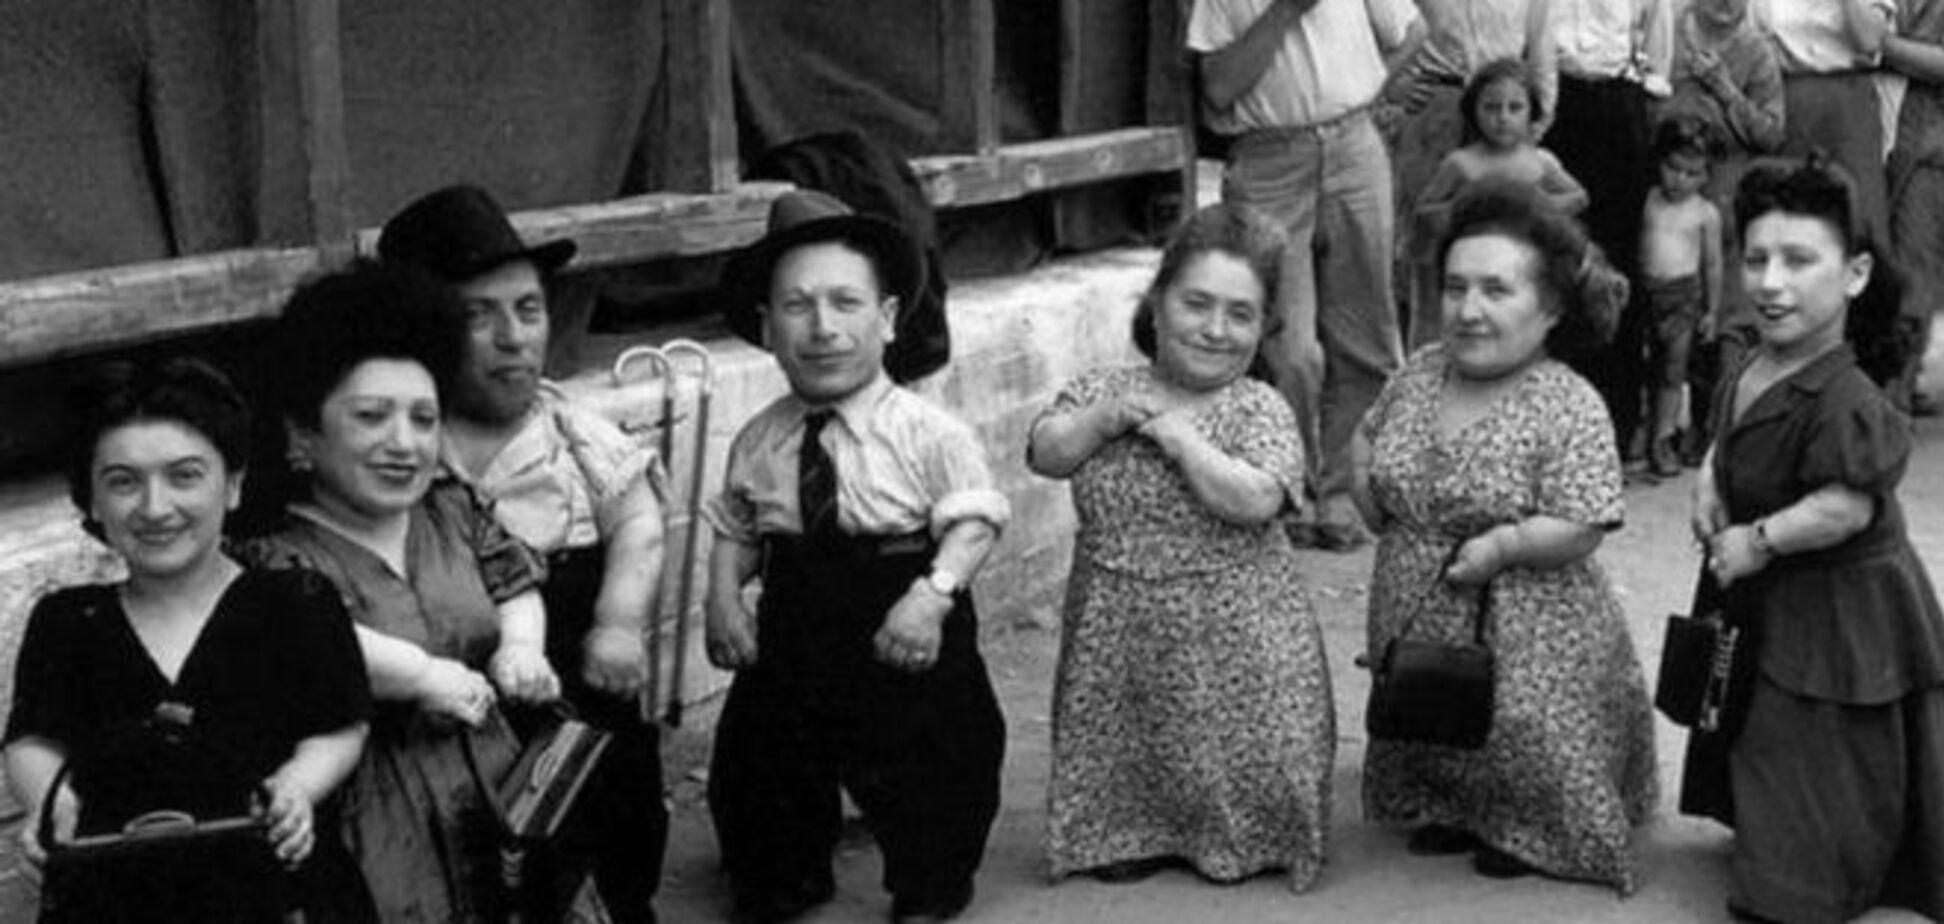 8 самых необычных семей в шоу-бизнесе, истории которых удивляют и вдохновляют